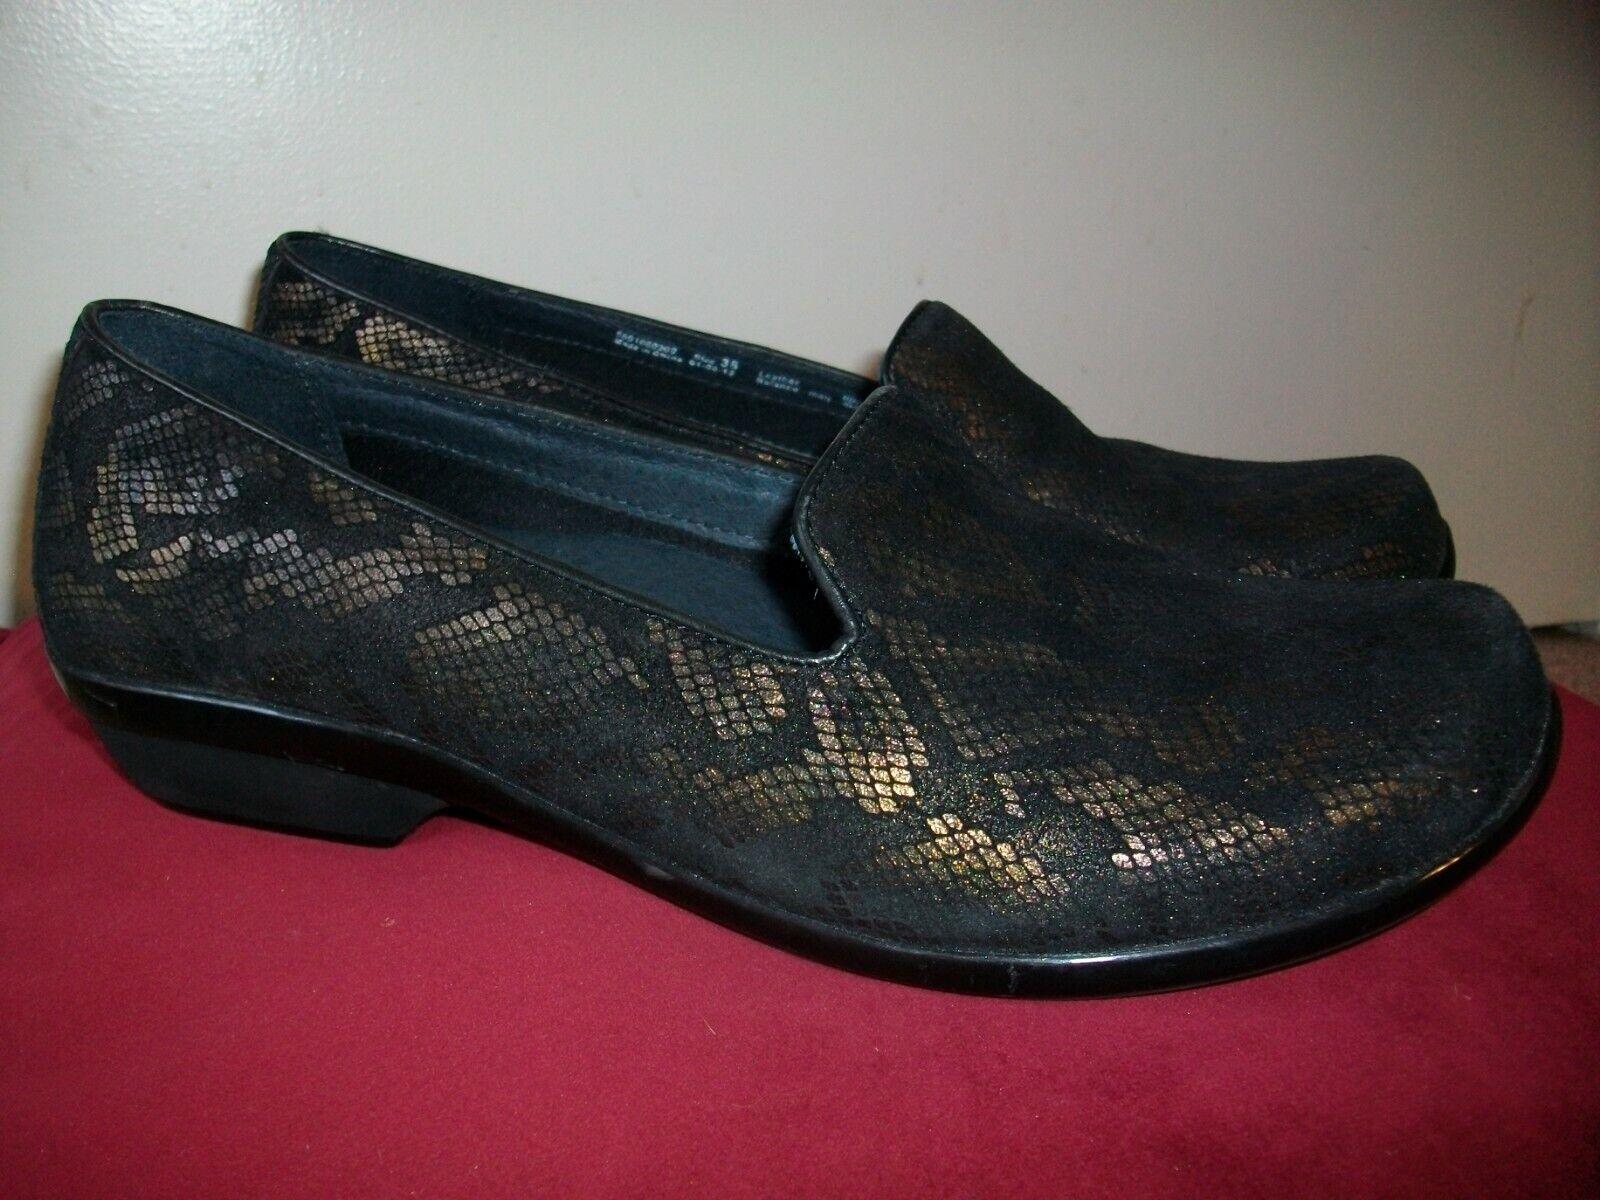 New Women's Dansko Olivia Bronze Snake Leather Flats Slip-On shoes 38M US 7.5-8